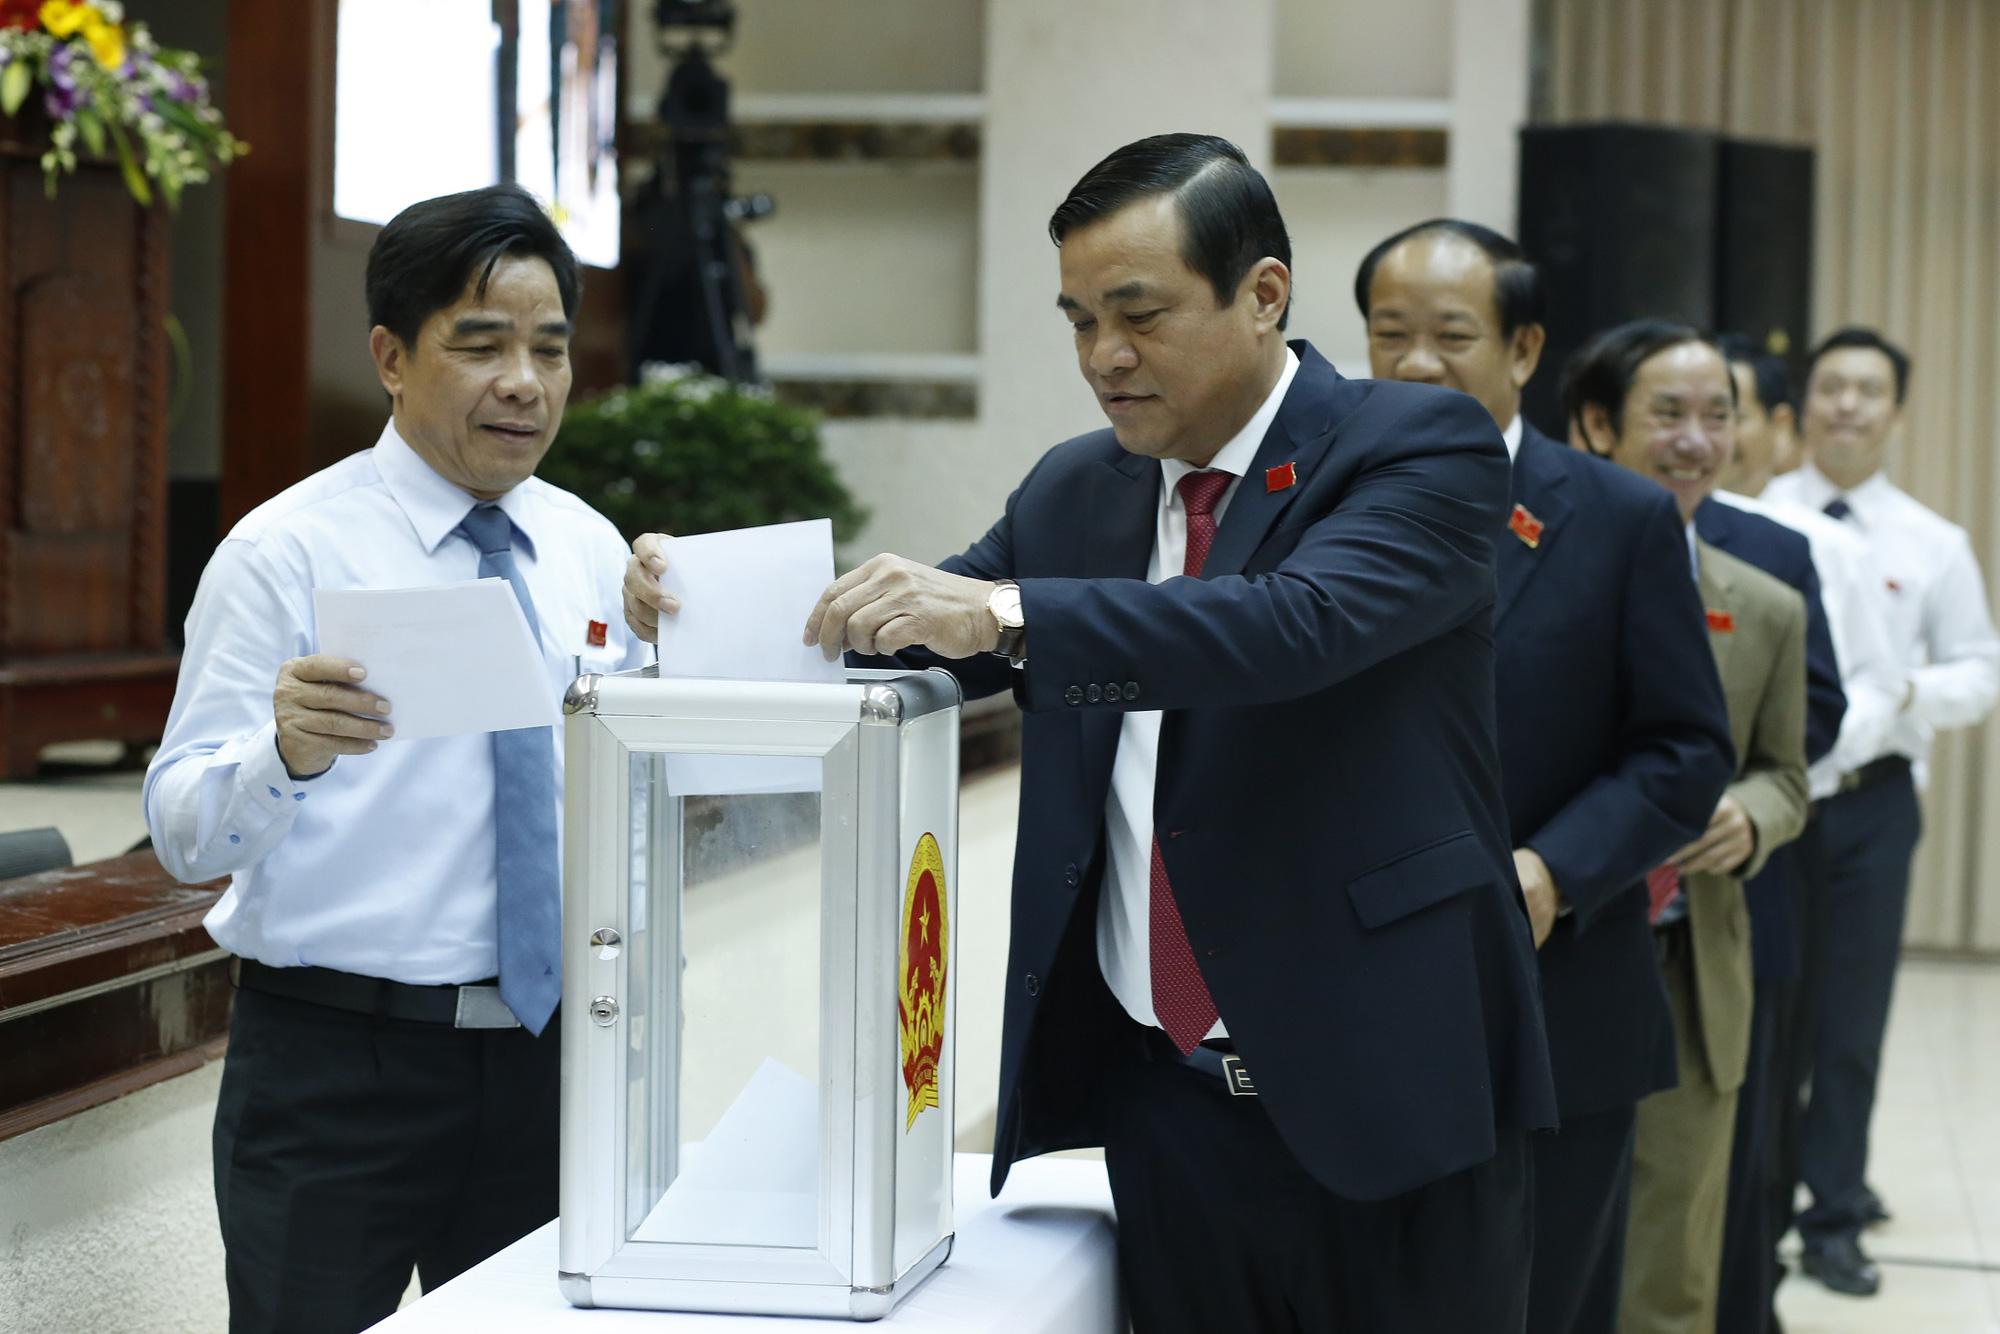 Quảng Nam: Bí thư và các Phó Bí thư tỉnh khóa XXI tiếp tục ứng cử khóa XXII - Ảnh 2.